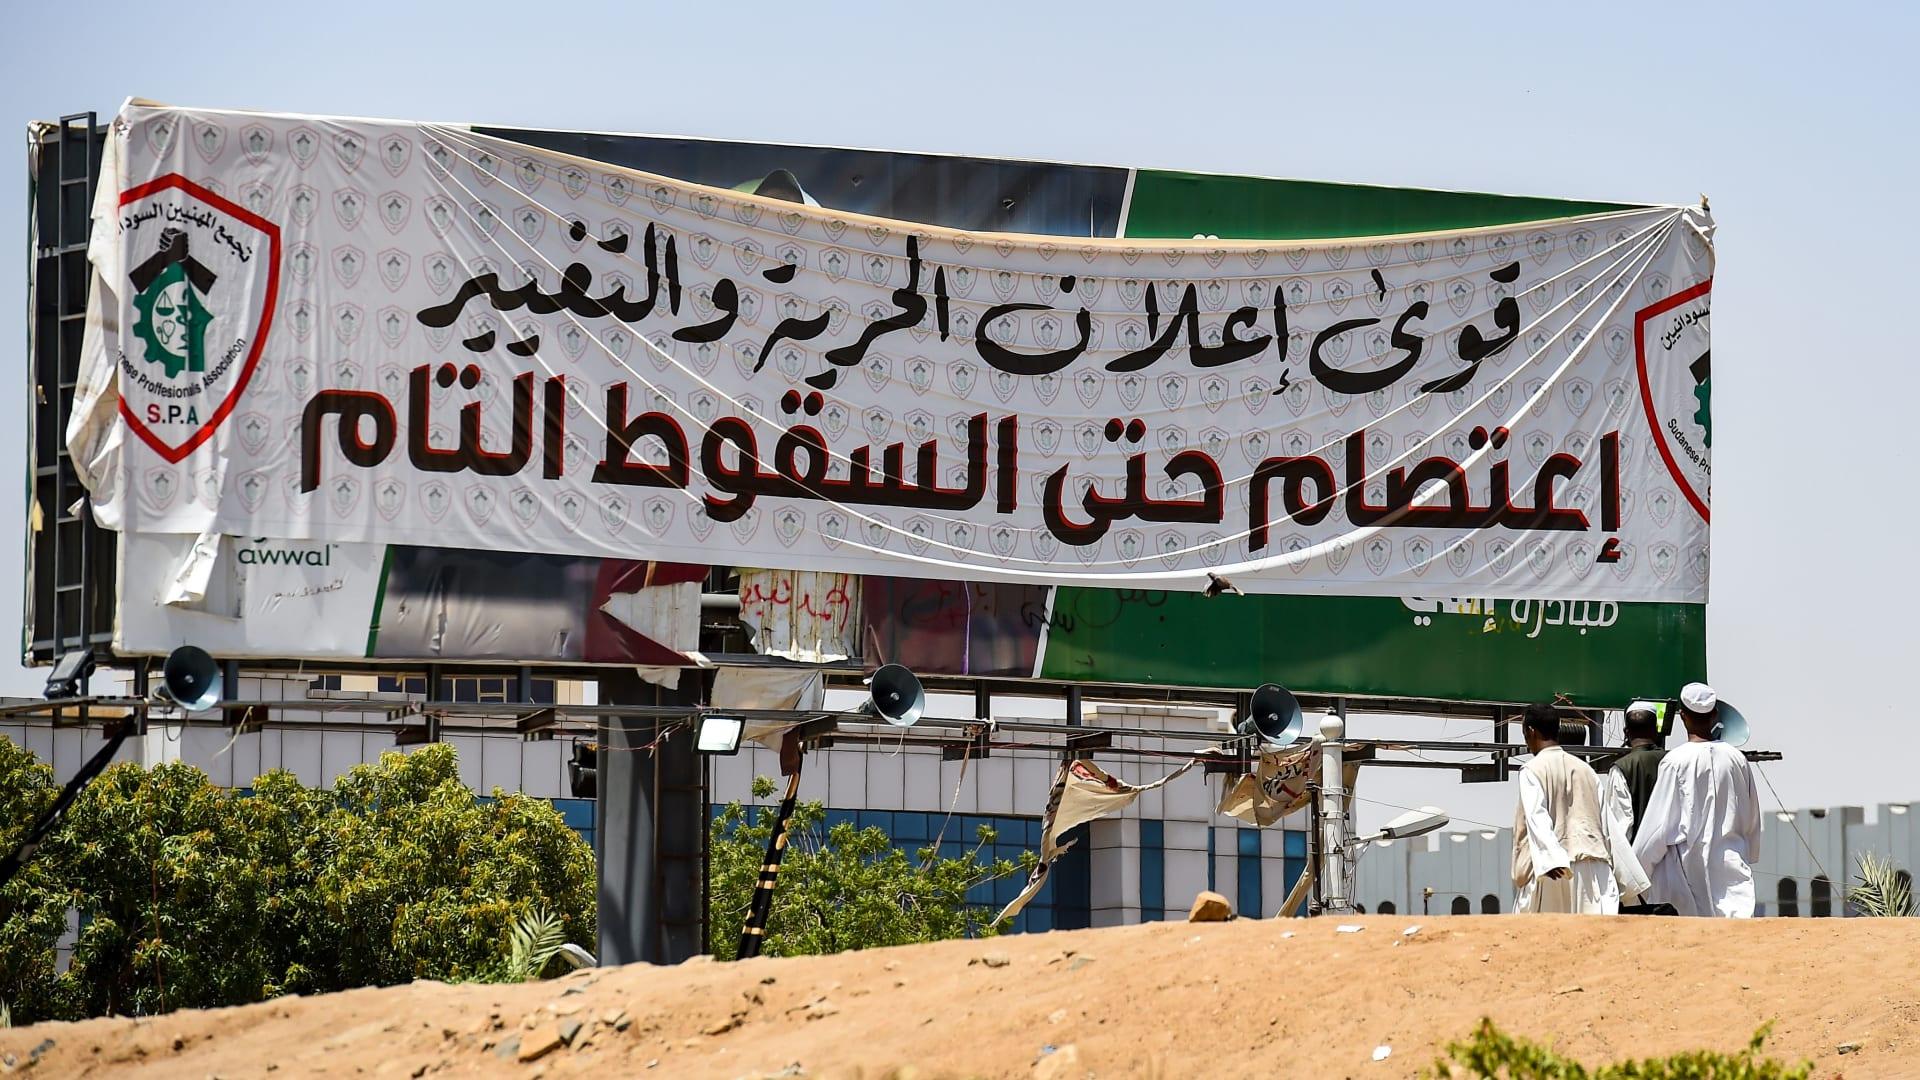 المعارضة السودانية ترد على تعليق المجلس العسكري للحوار